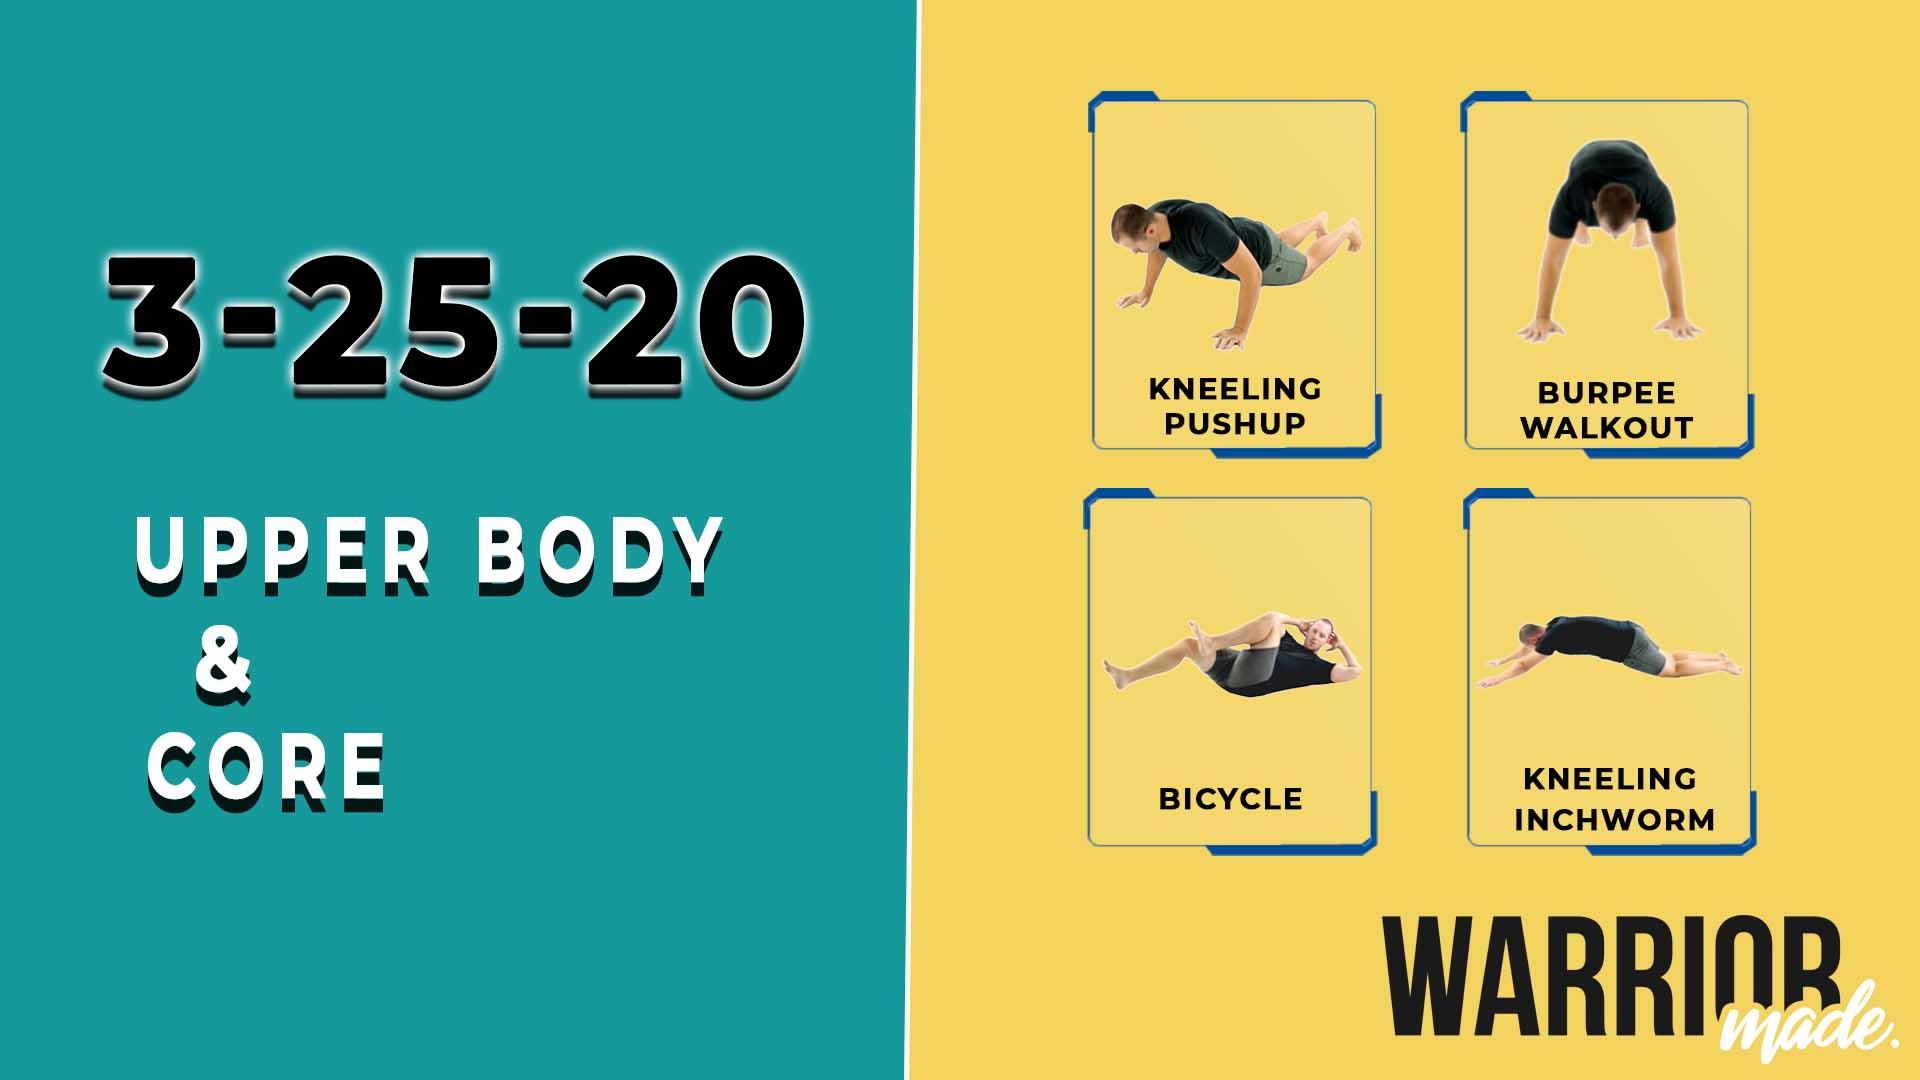 workouts-03-25-20